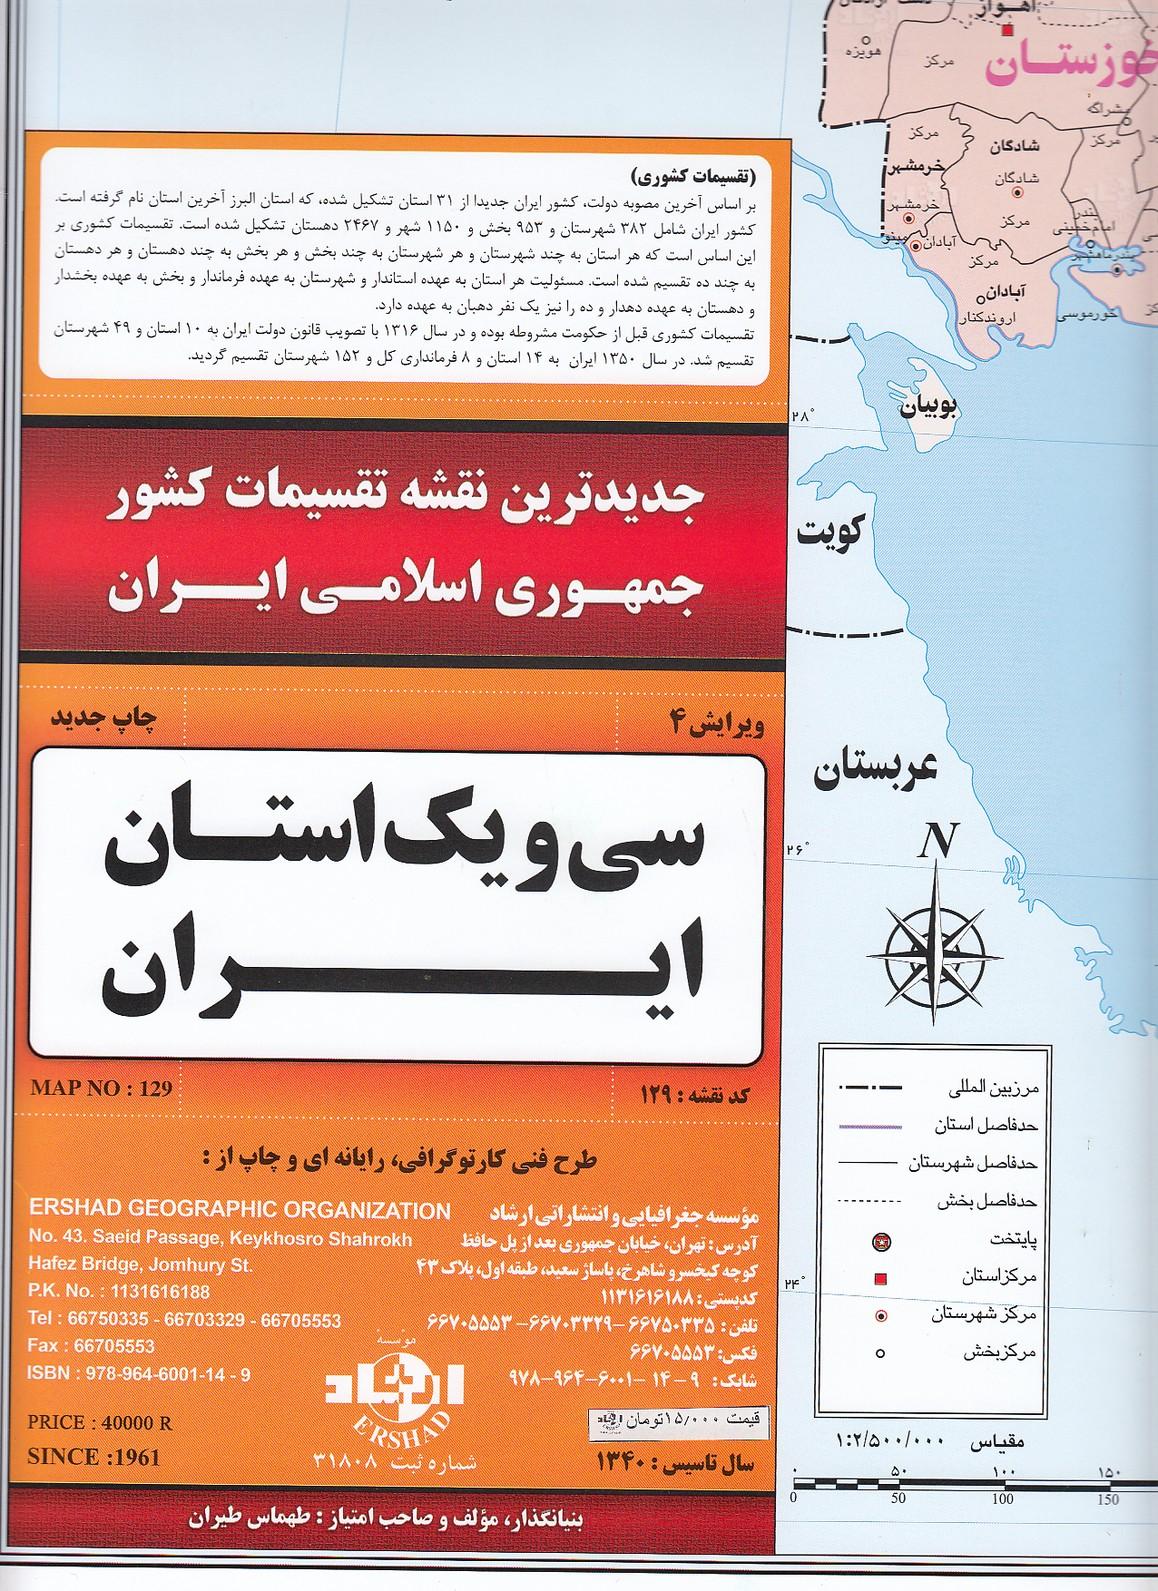 نقشه-سي-ويك-استان-ايران(ارشاد)گلاسه